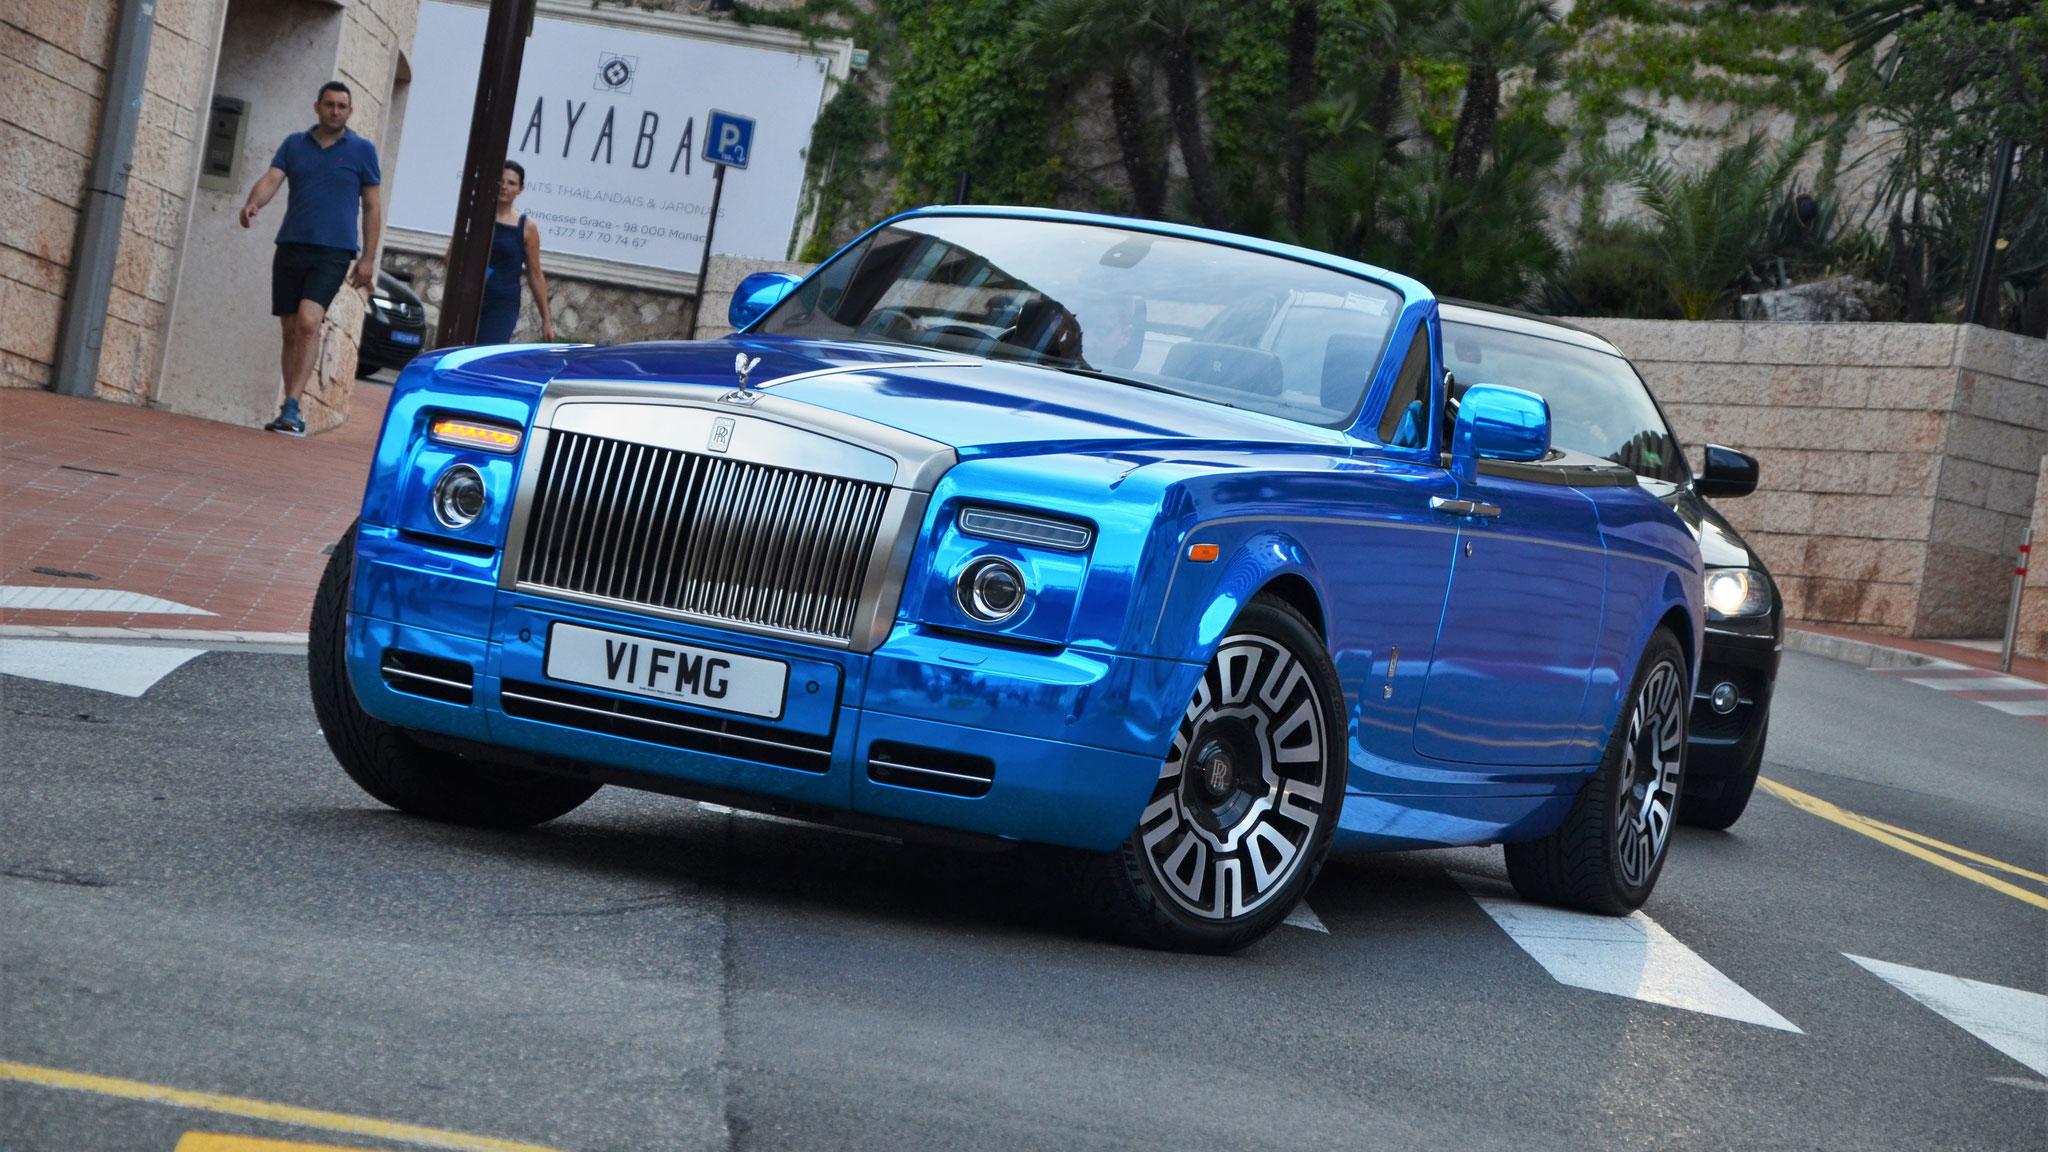 Rolls Royce Drophead - V1-FMG (GB)